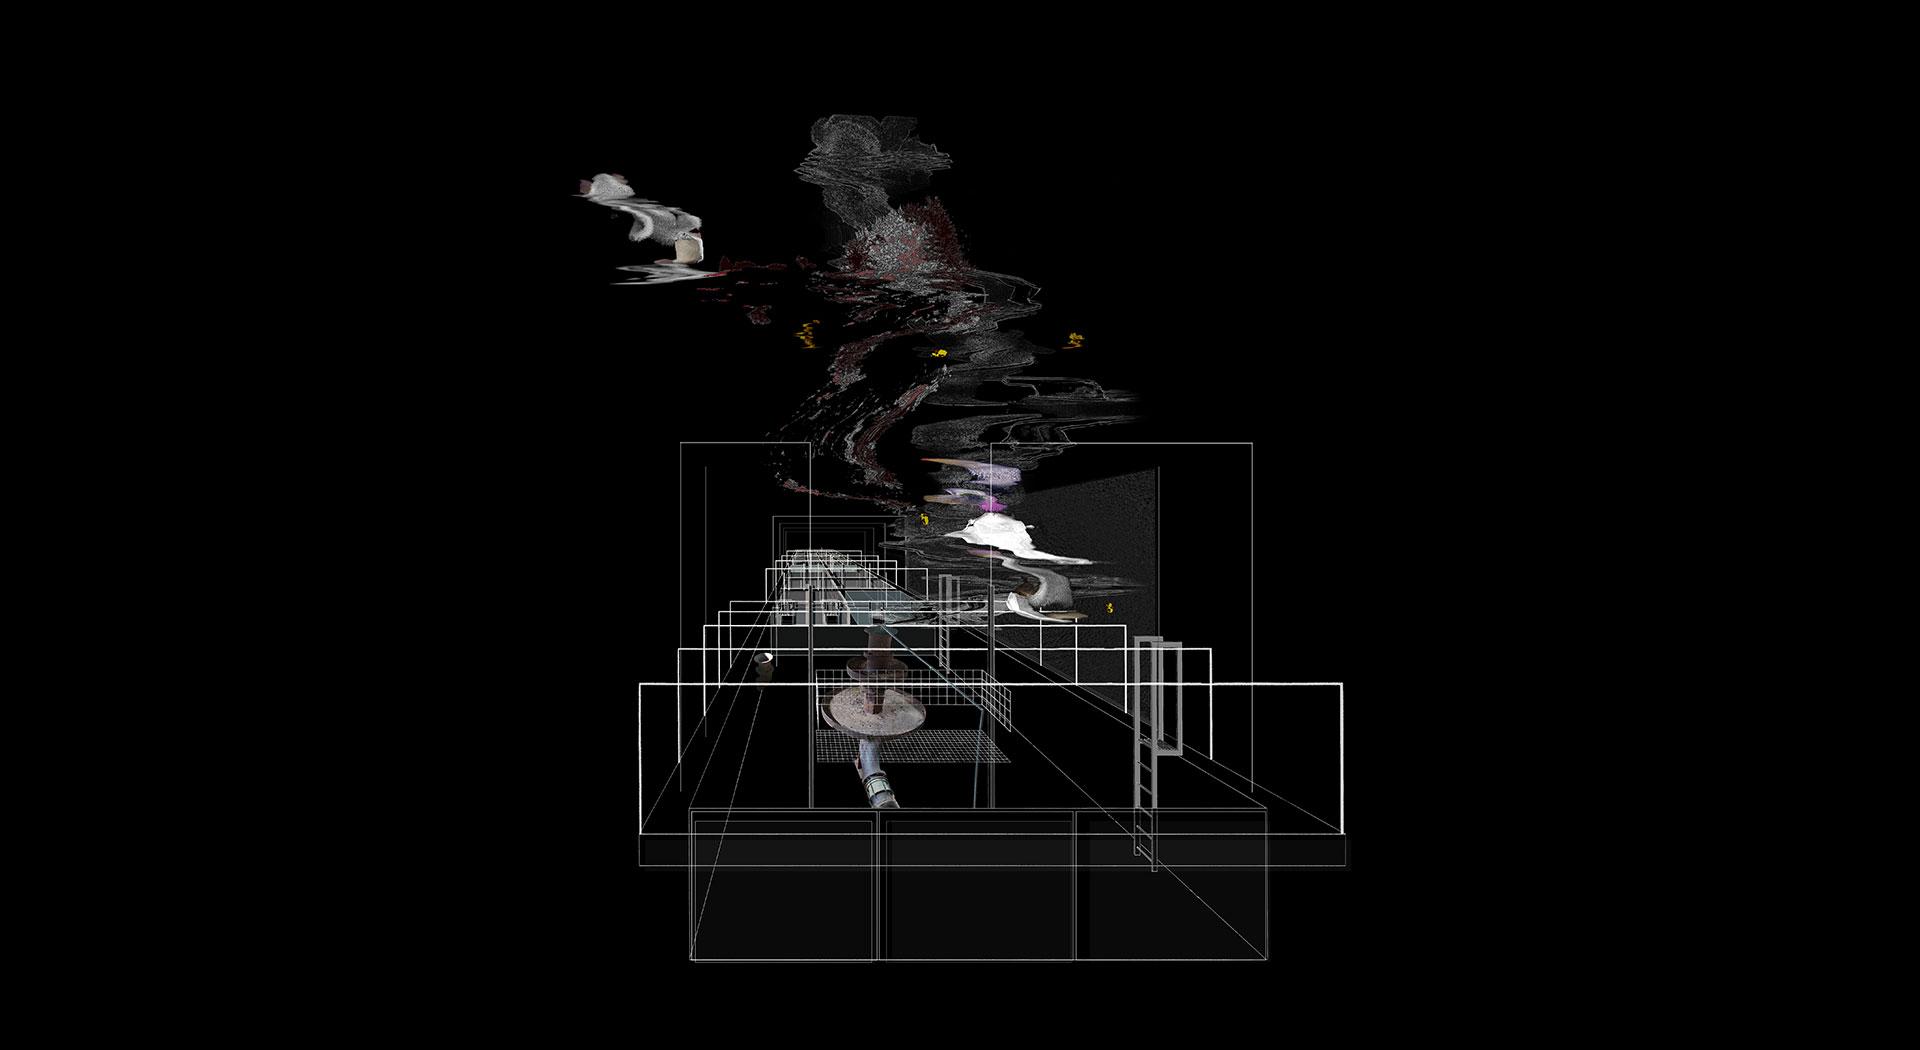 mobius-manifold-03